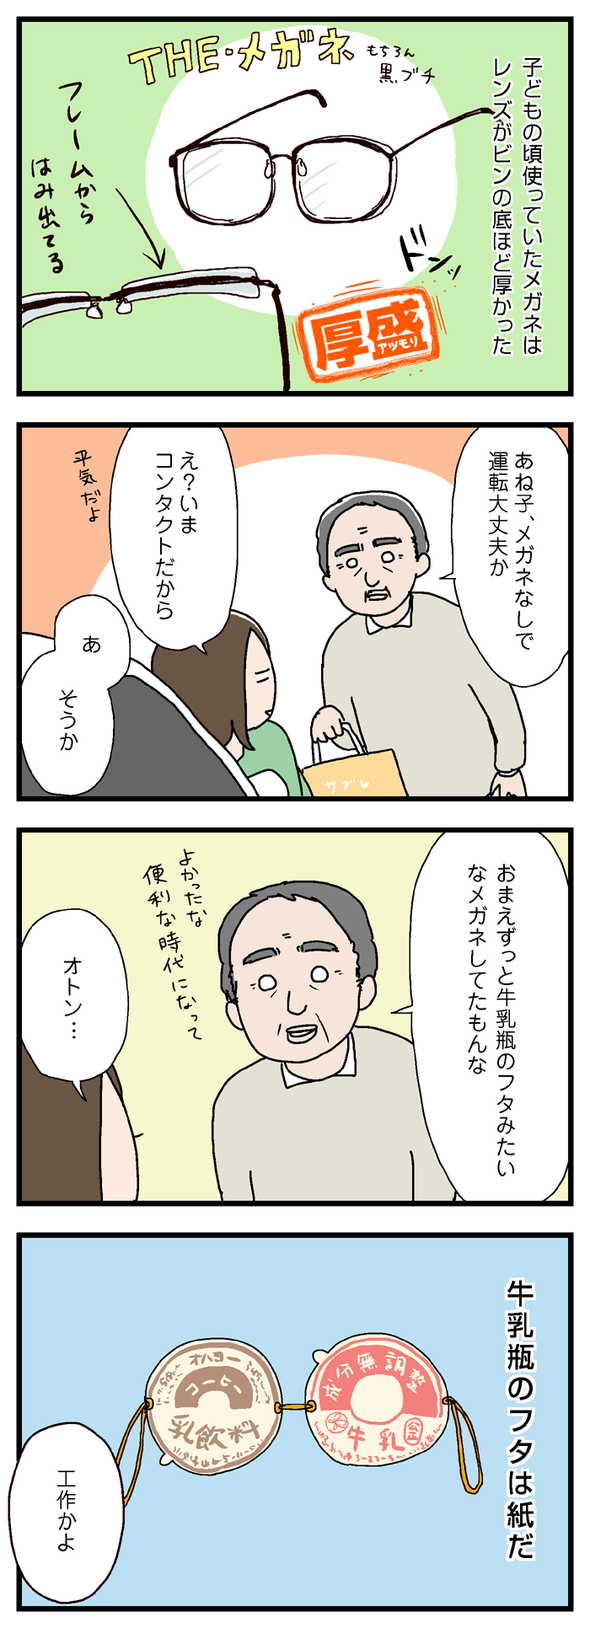 icchomae431